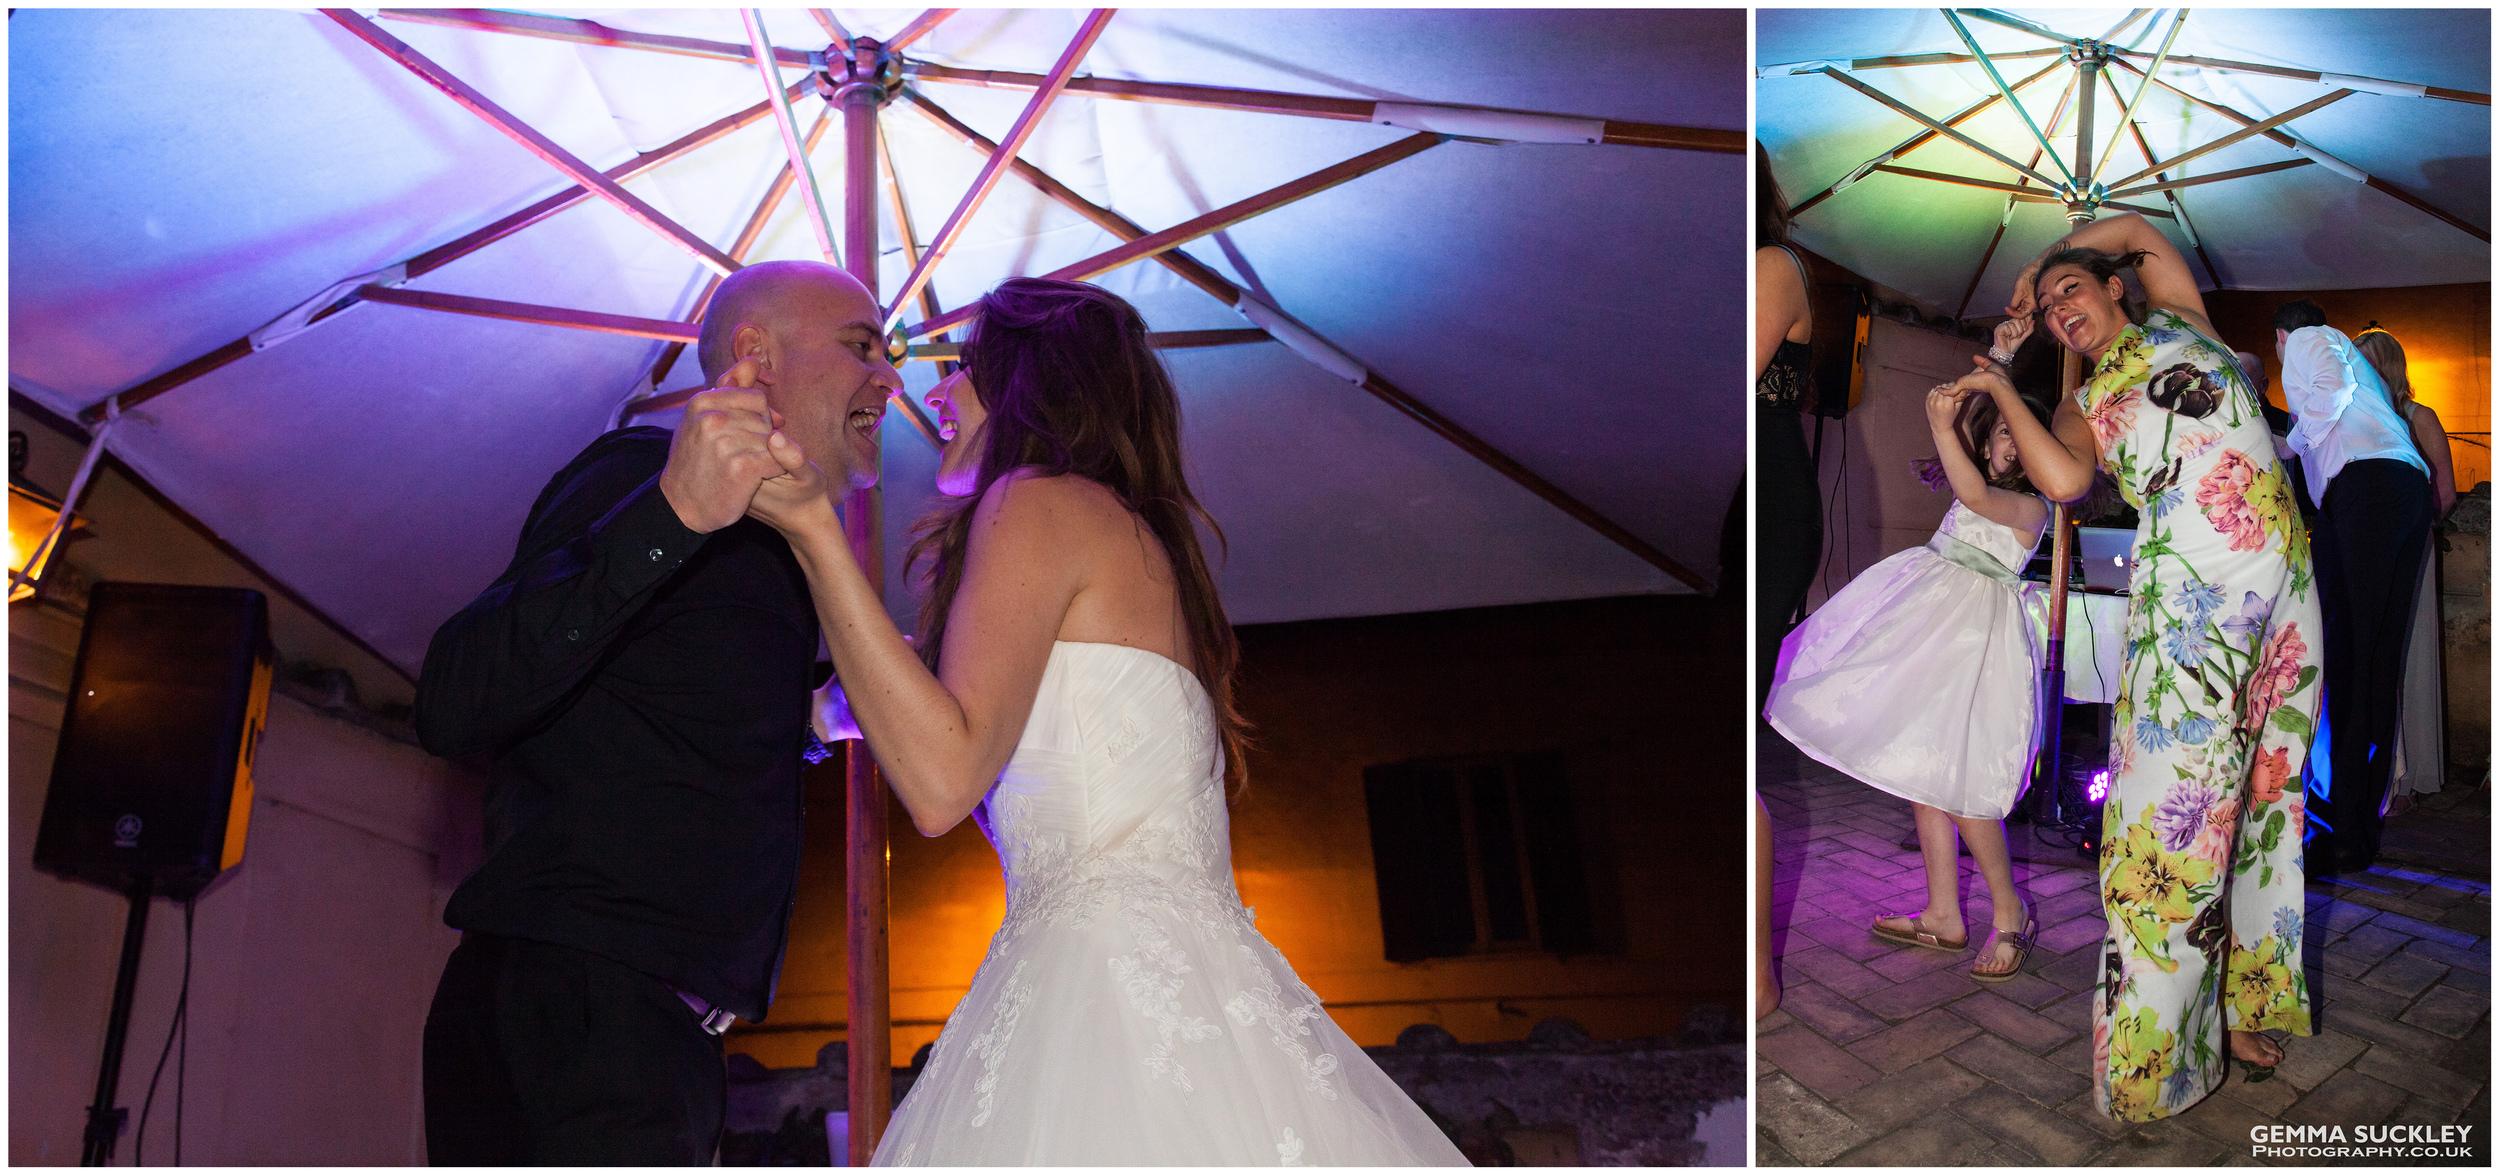 gemma-suckley-suckley-weddings.jpg